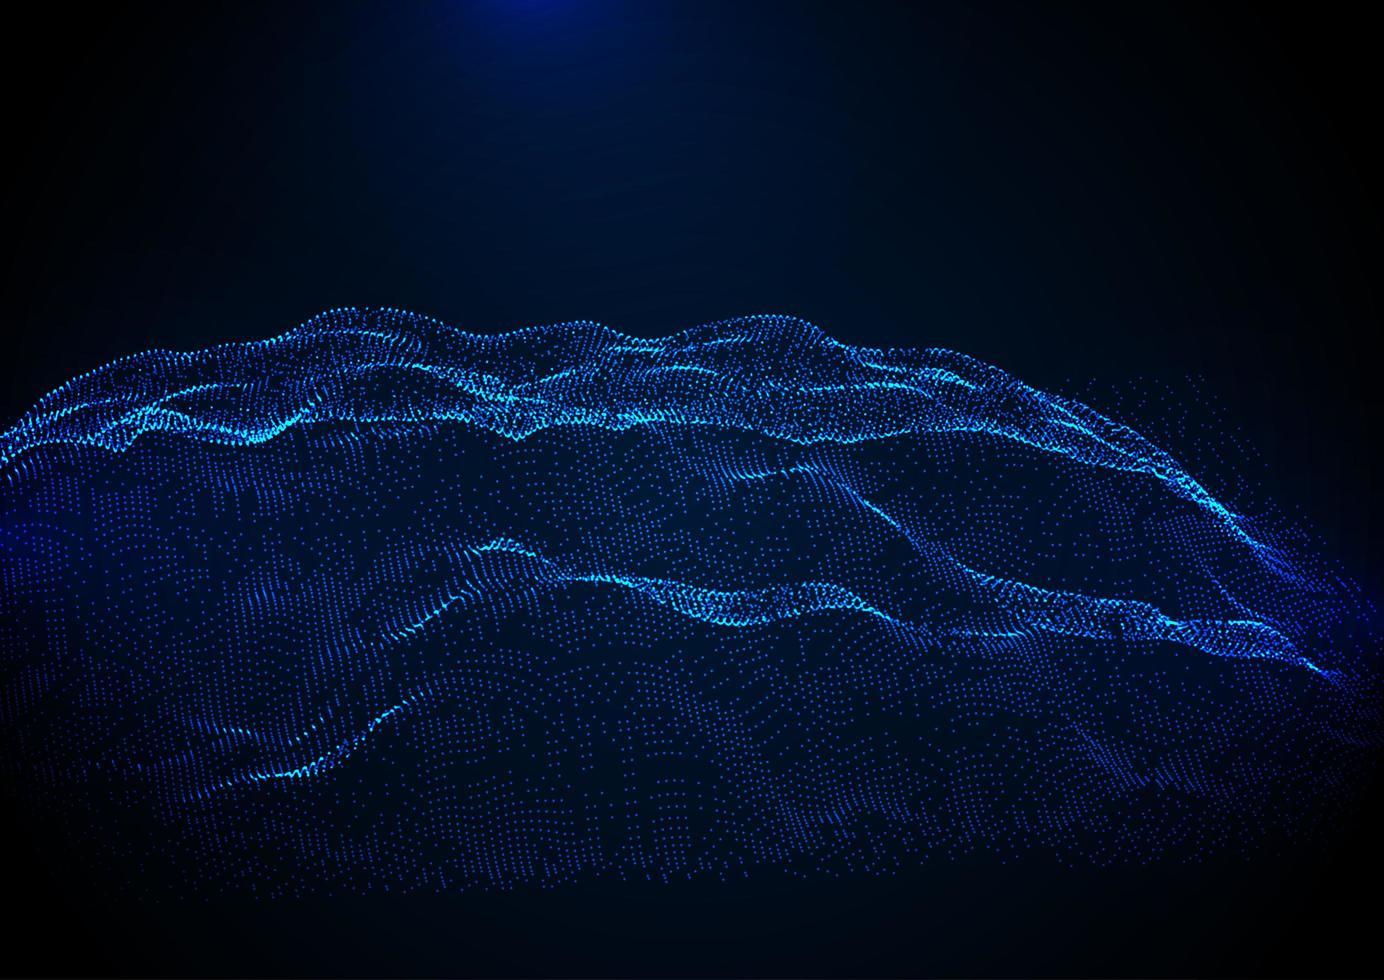 sfondo astratto terreno di punti cyber vettore